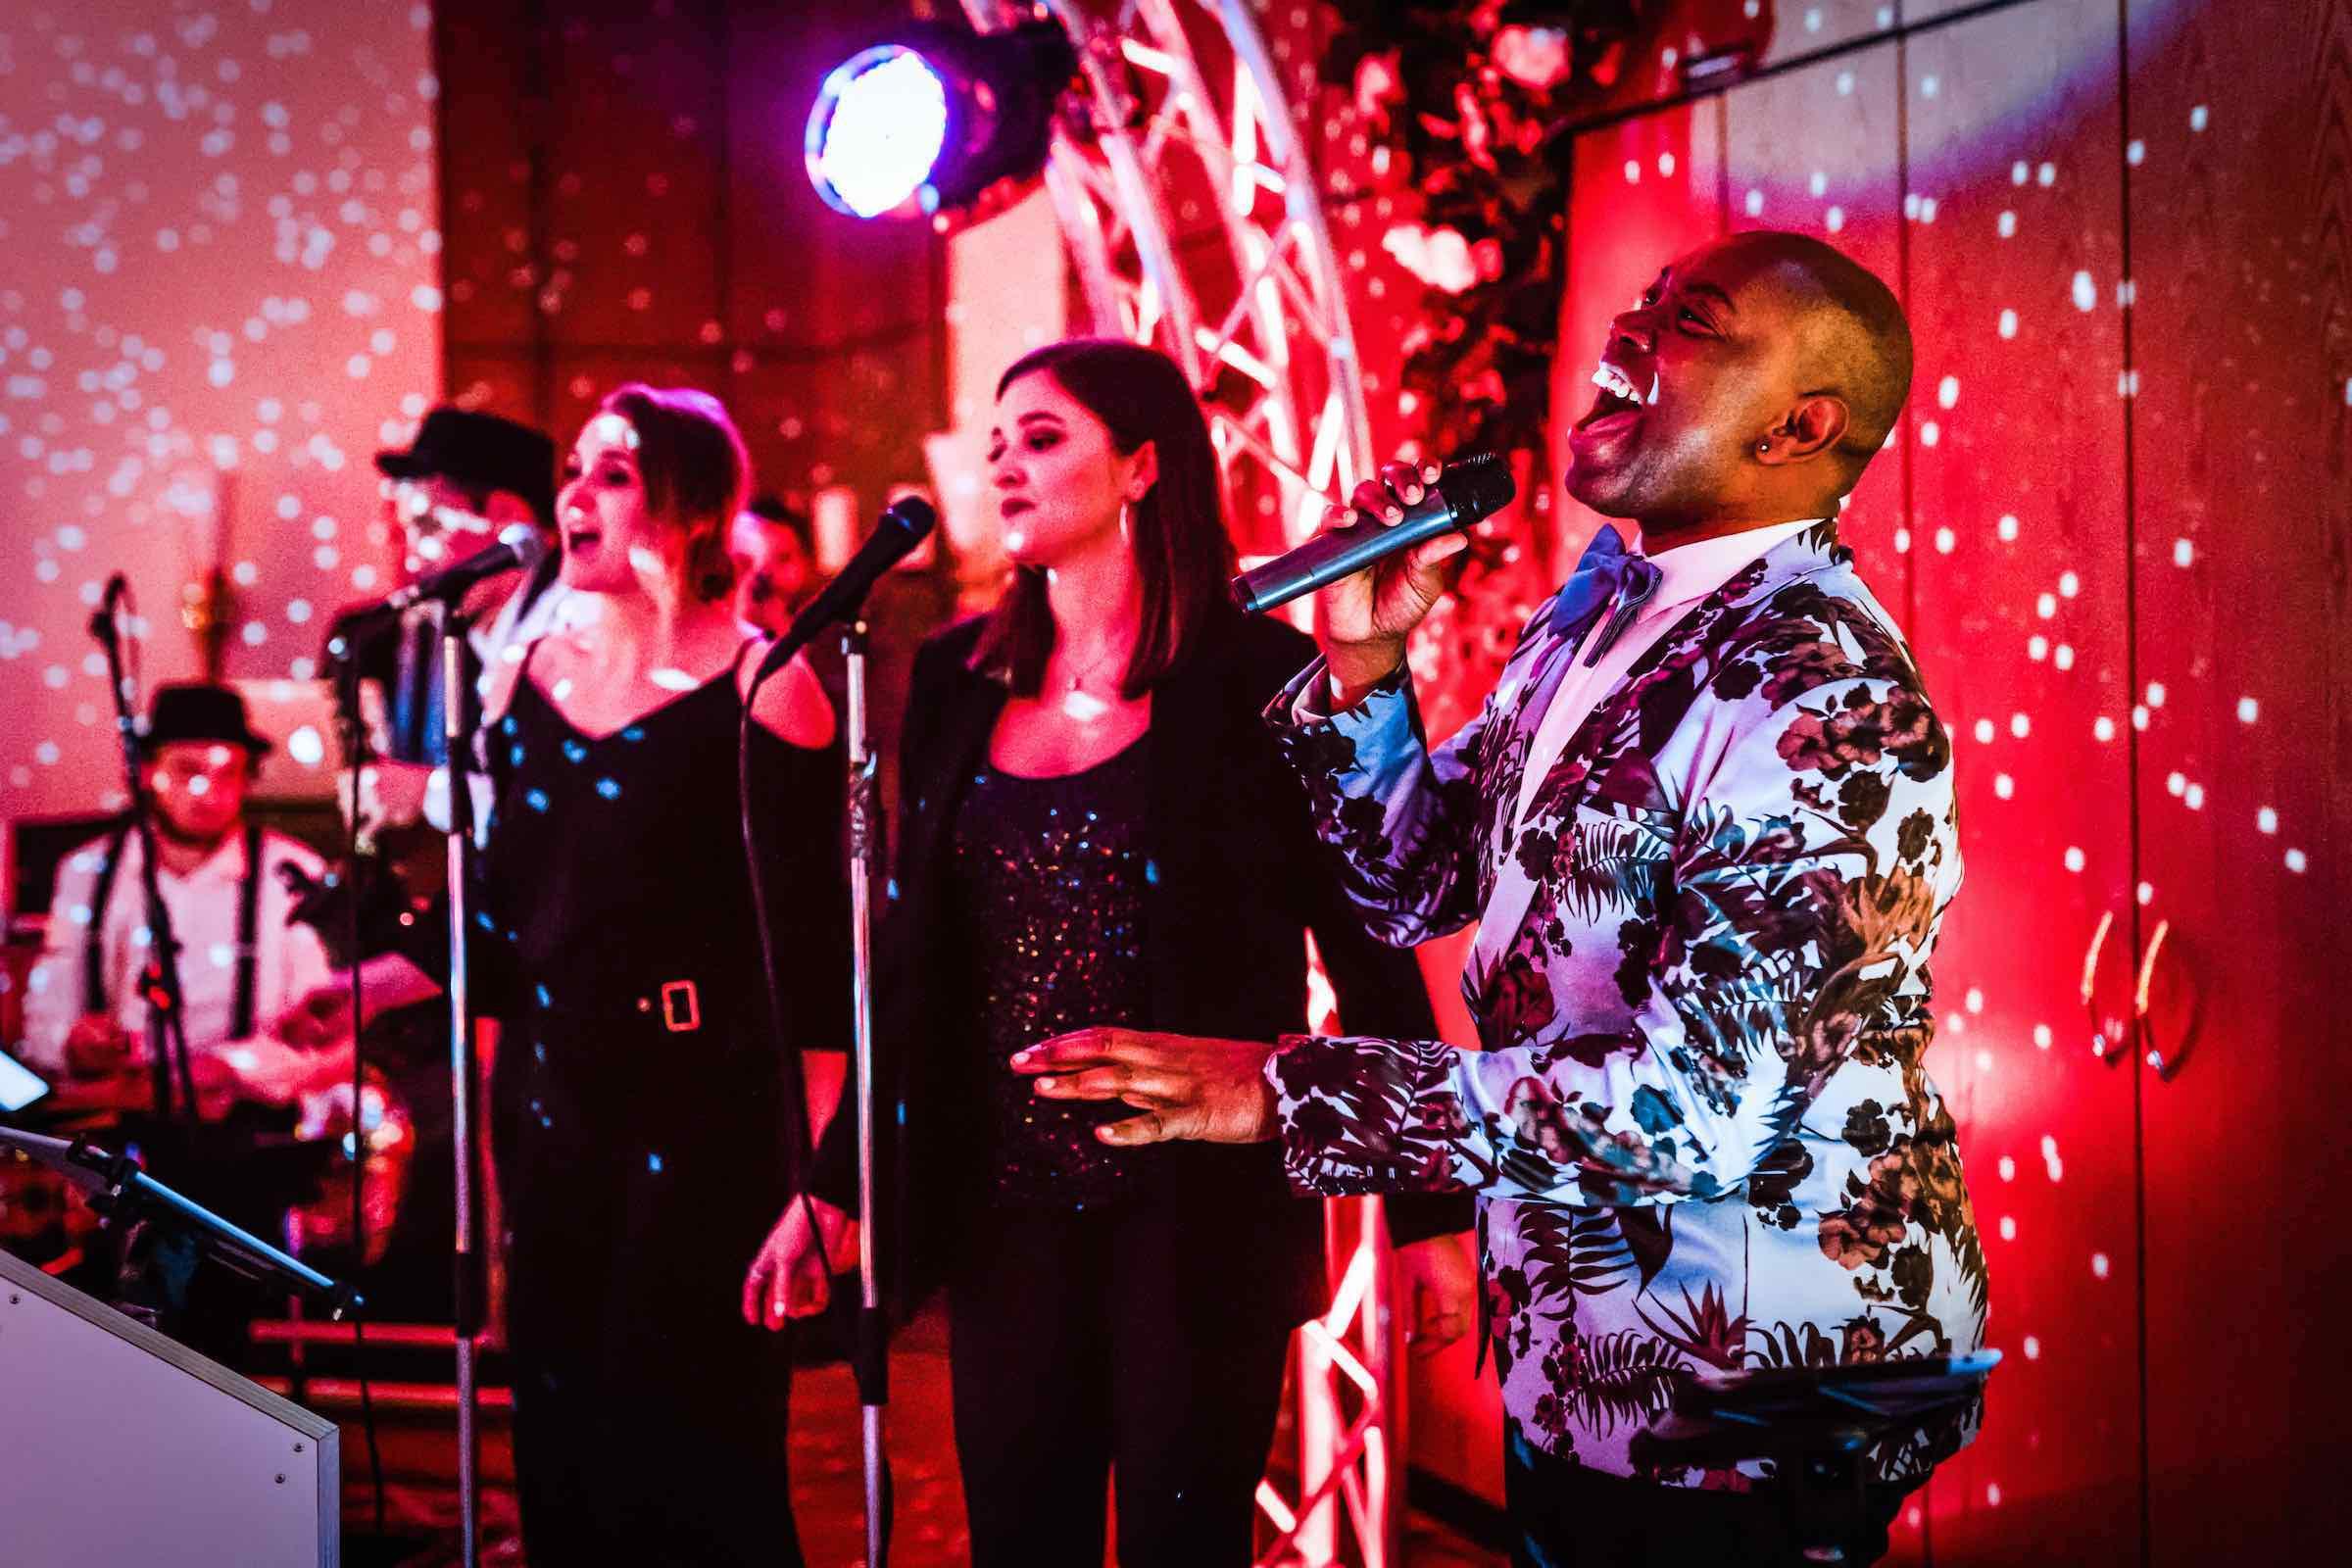 Band | Hamburg | Liveband | Partyband | Jazzband | Swingband | Lounge | Pop | Jazz | Sänger | Hochzeit | Standesamt | Trauung | Messe | Firmenfeier | Charity | Gala | Buchen | Mieten | Anfragen | Modern | Jukes | Hamburgfeiert